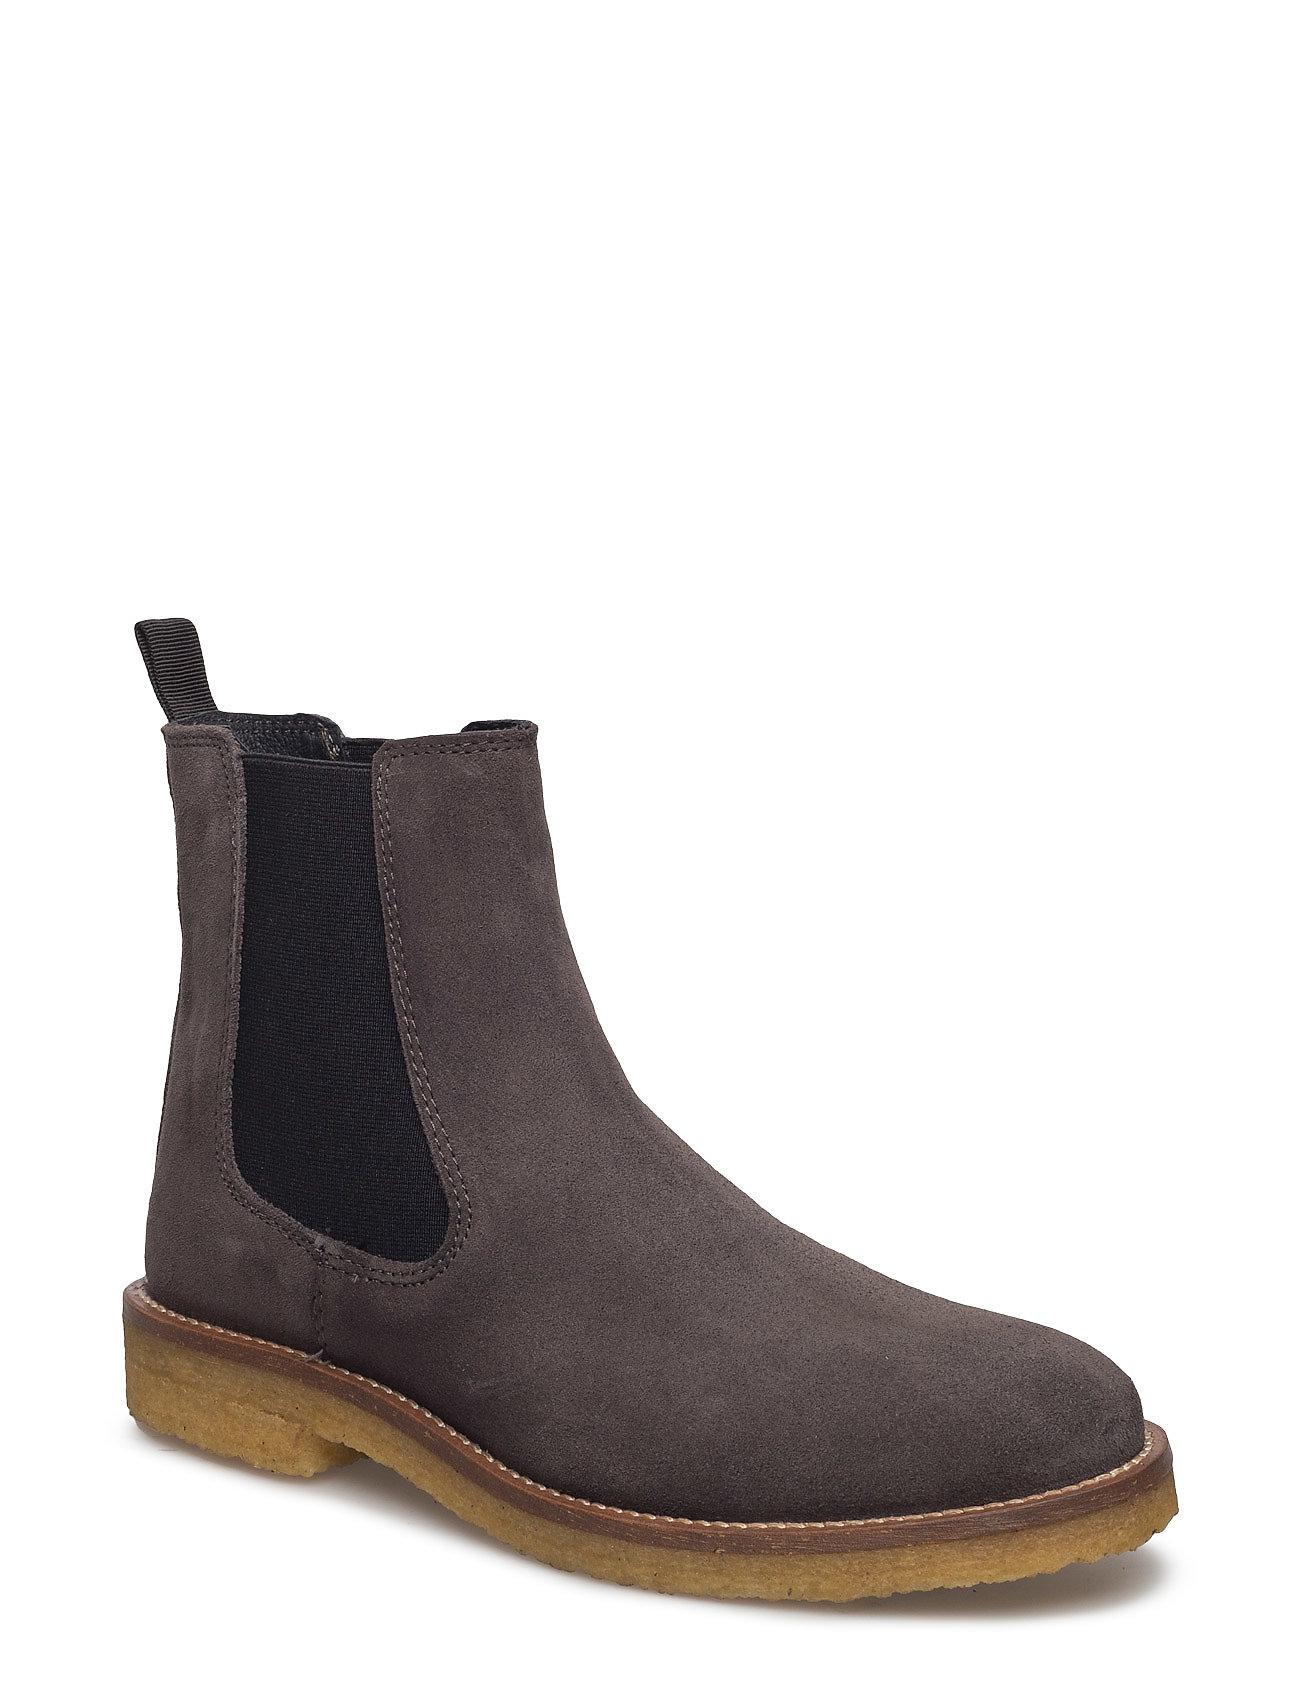 Chelsea Boot Garment Project Støvler til Damer i Grå